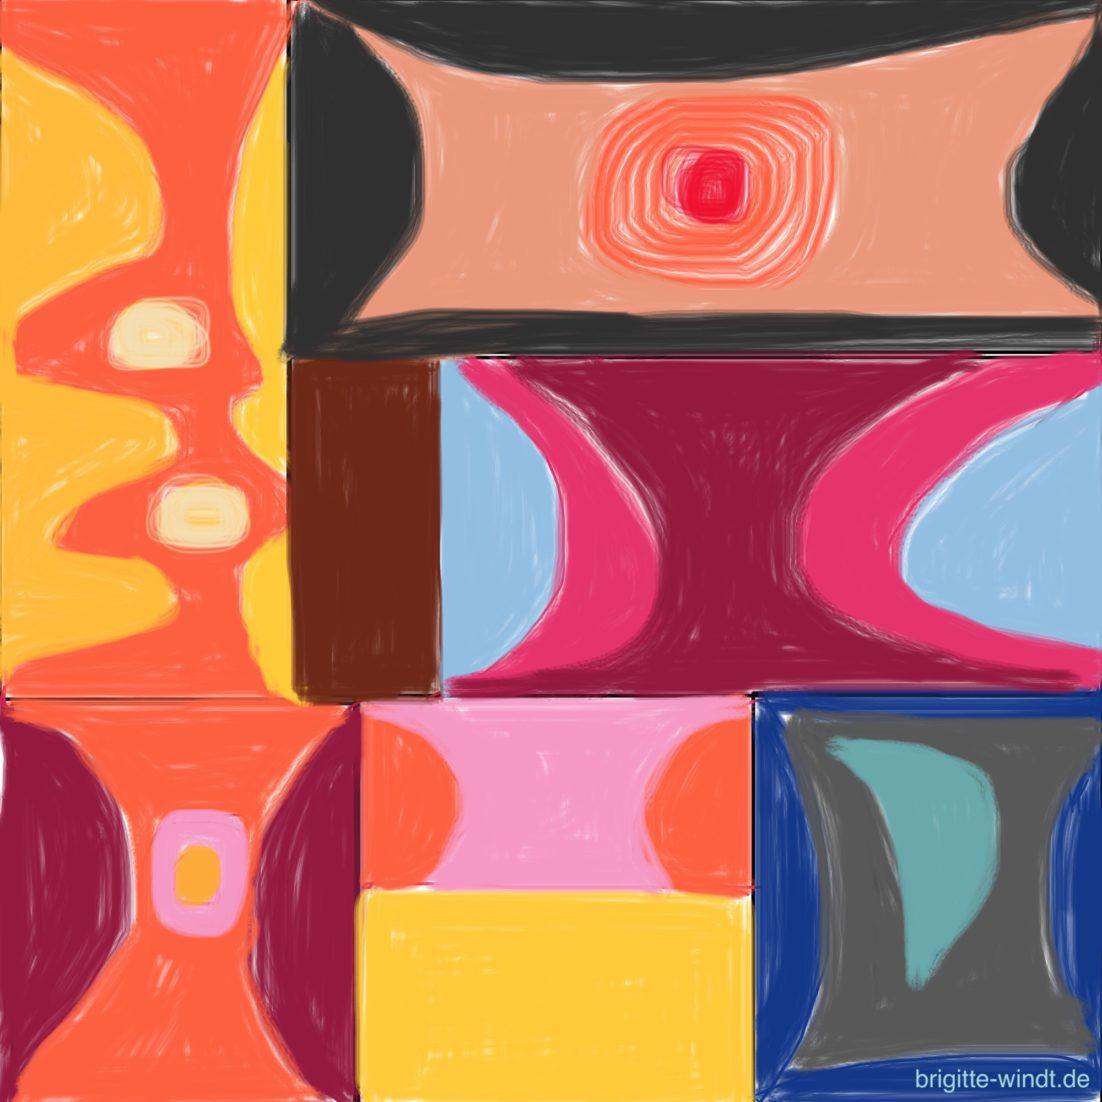 NACHMALEN Brigitte Windt. Acht farbenfrohe Rechtecke, ausgefüllt mit bunten Formen.